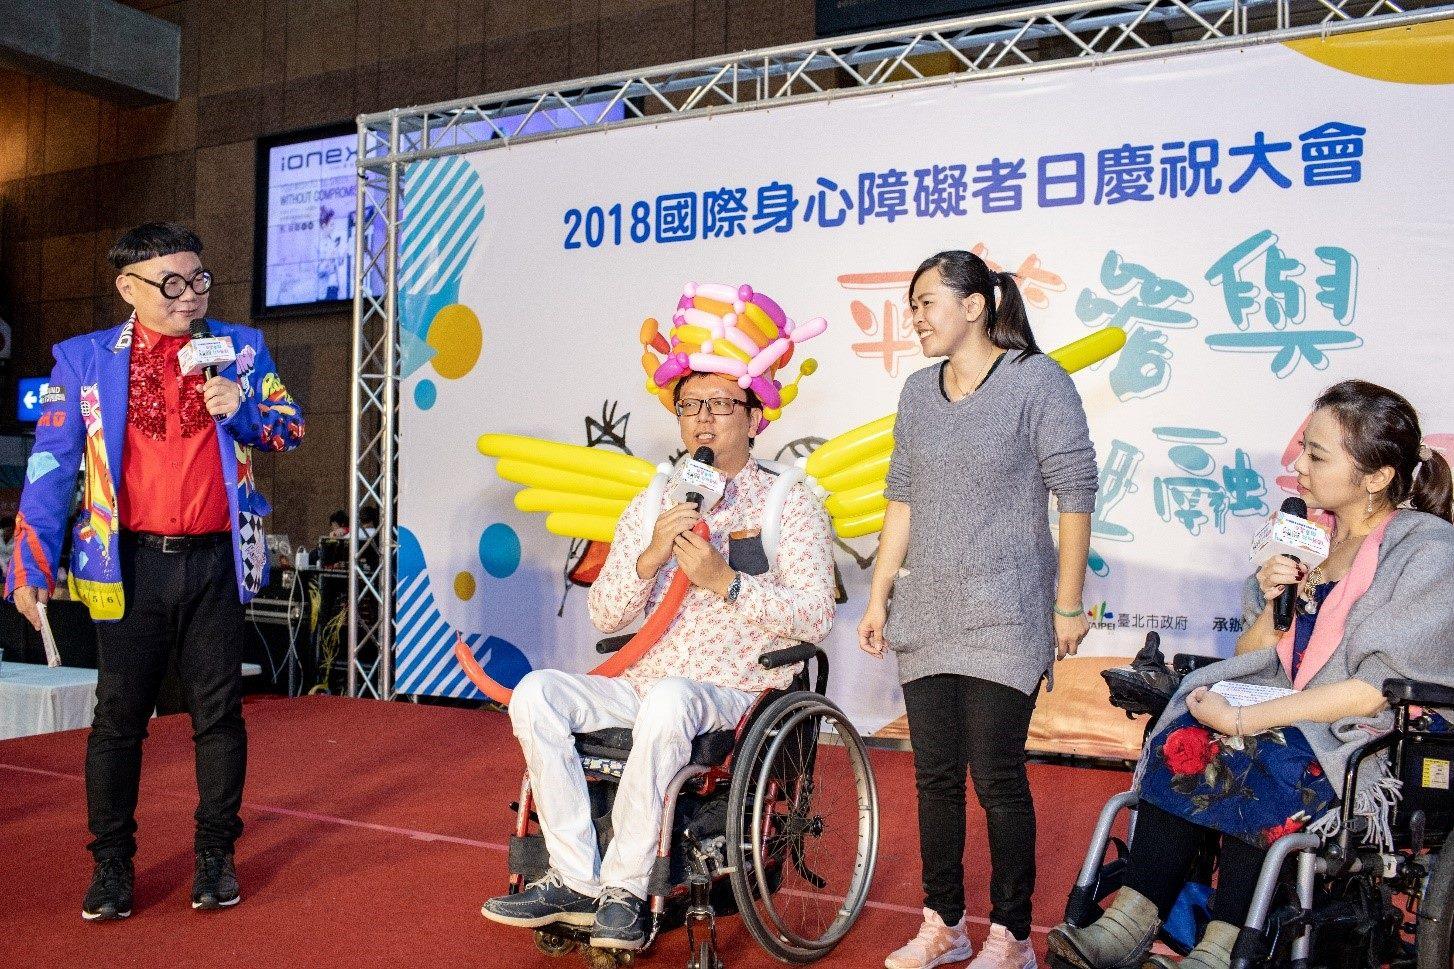 有球必應工作室劉炫成與台下觀眾進行造型氣球教學互動